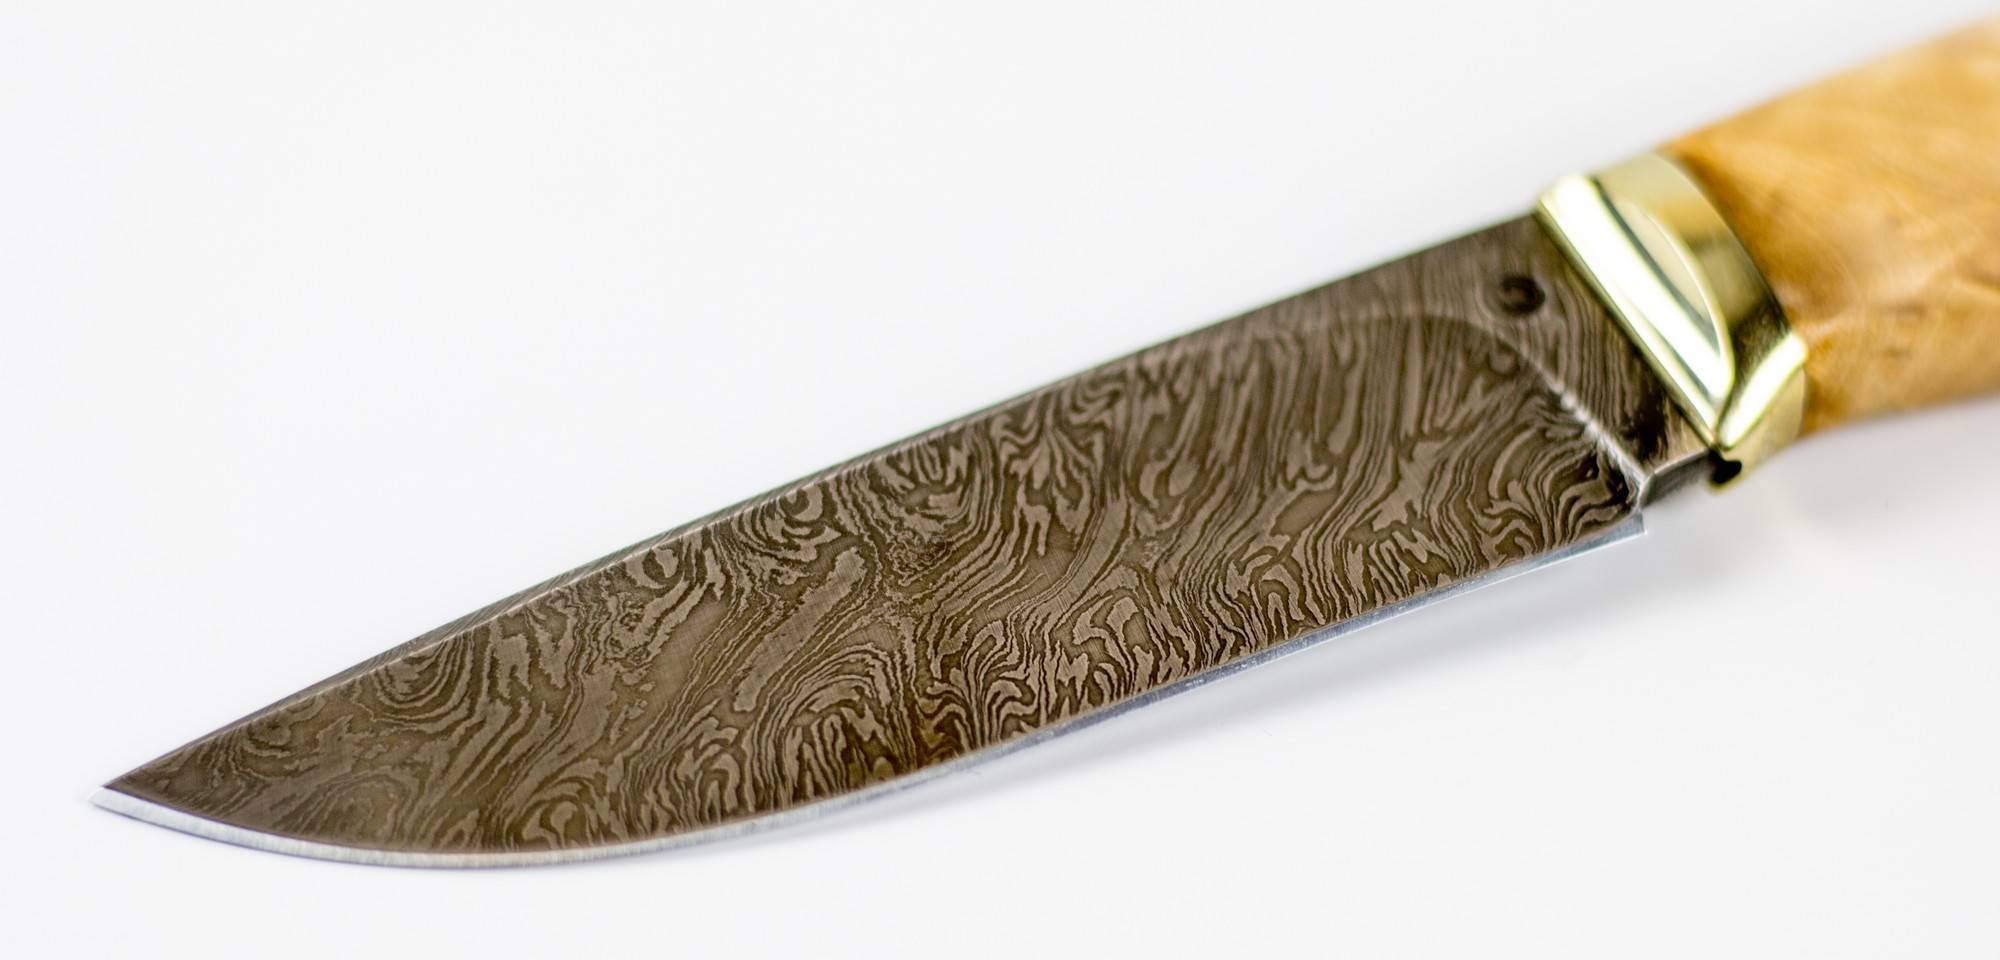 Фото 3 - Нож Гид,  дамасская сталь от Ножи Крутова